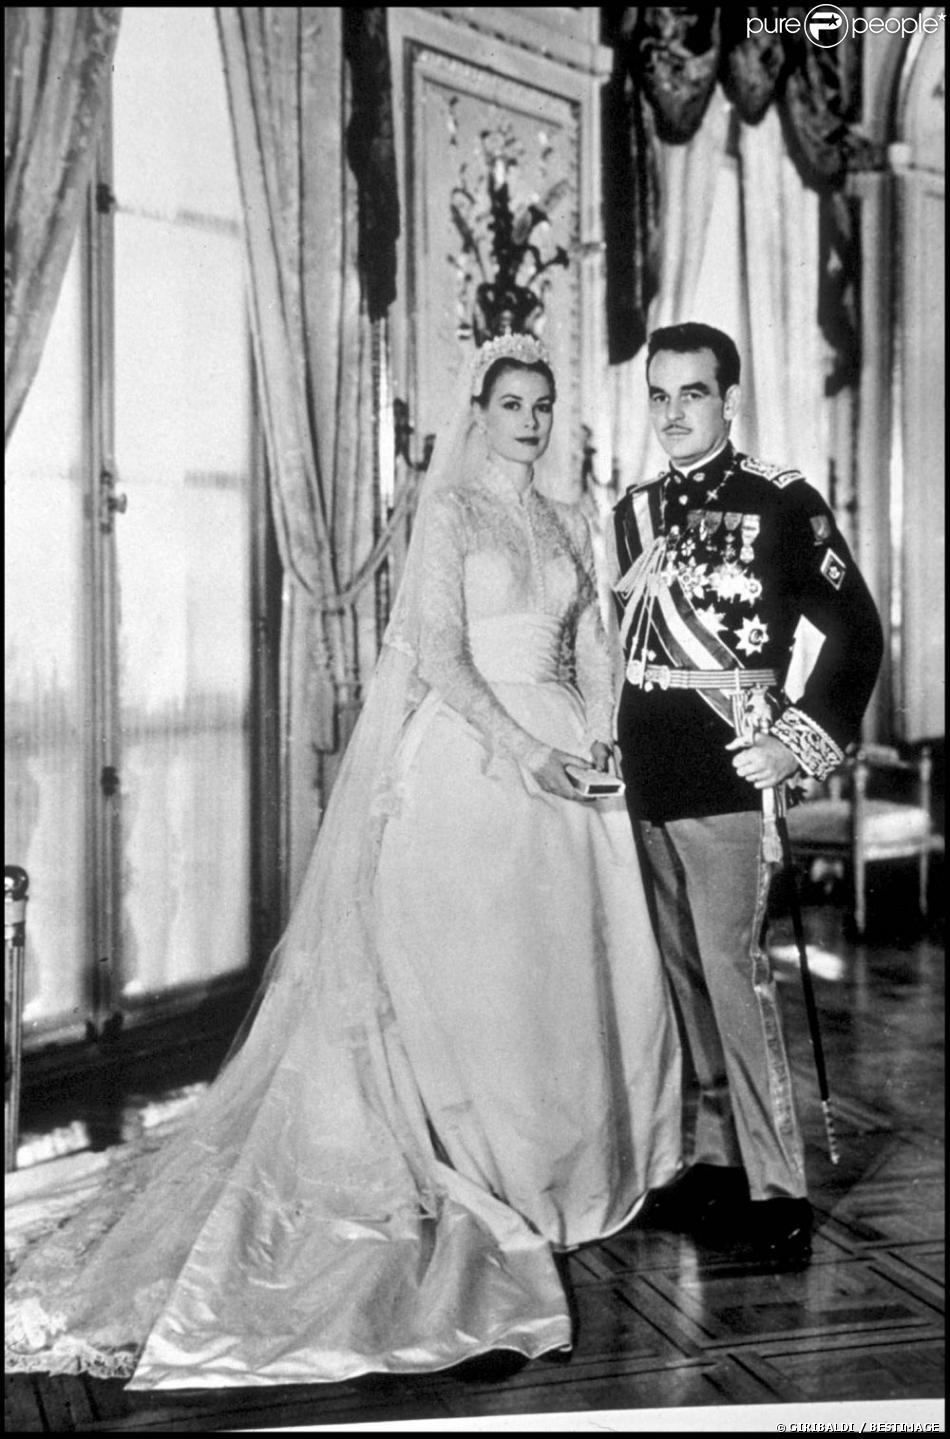 Mariage de Grace Kelly et du prince Rainier à Monaco, avril 1956.